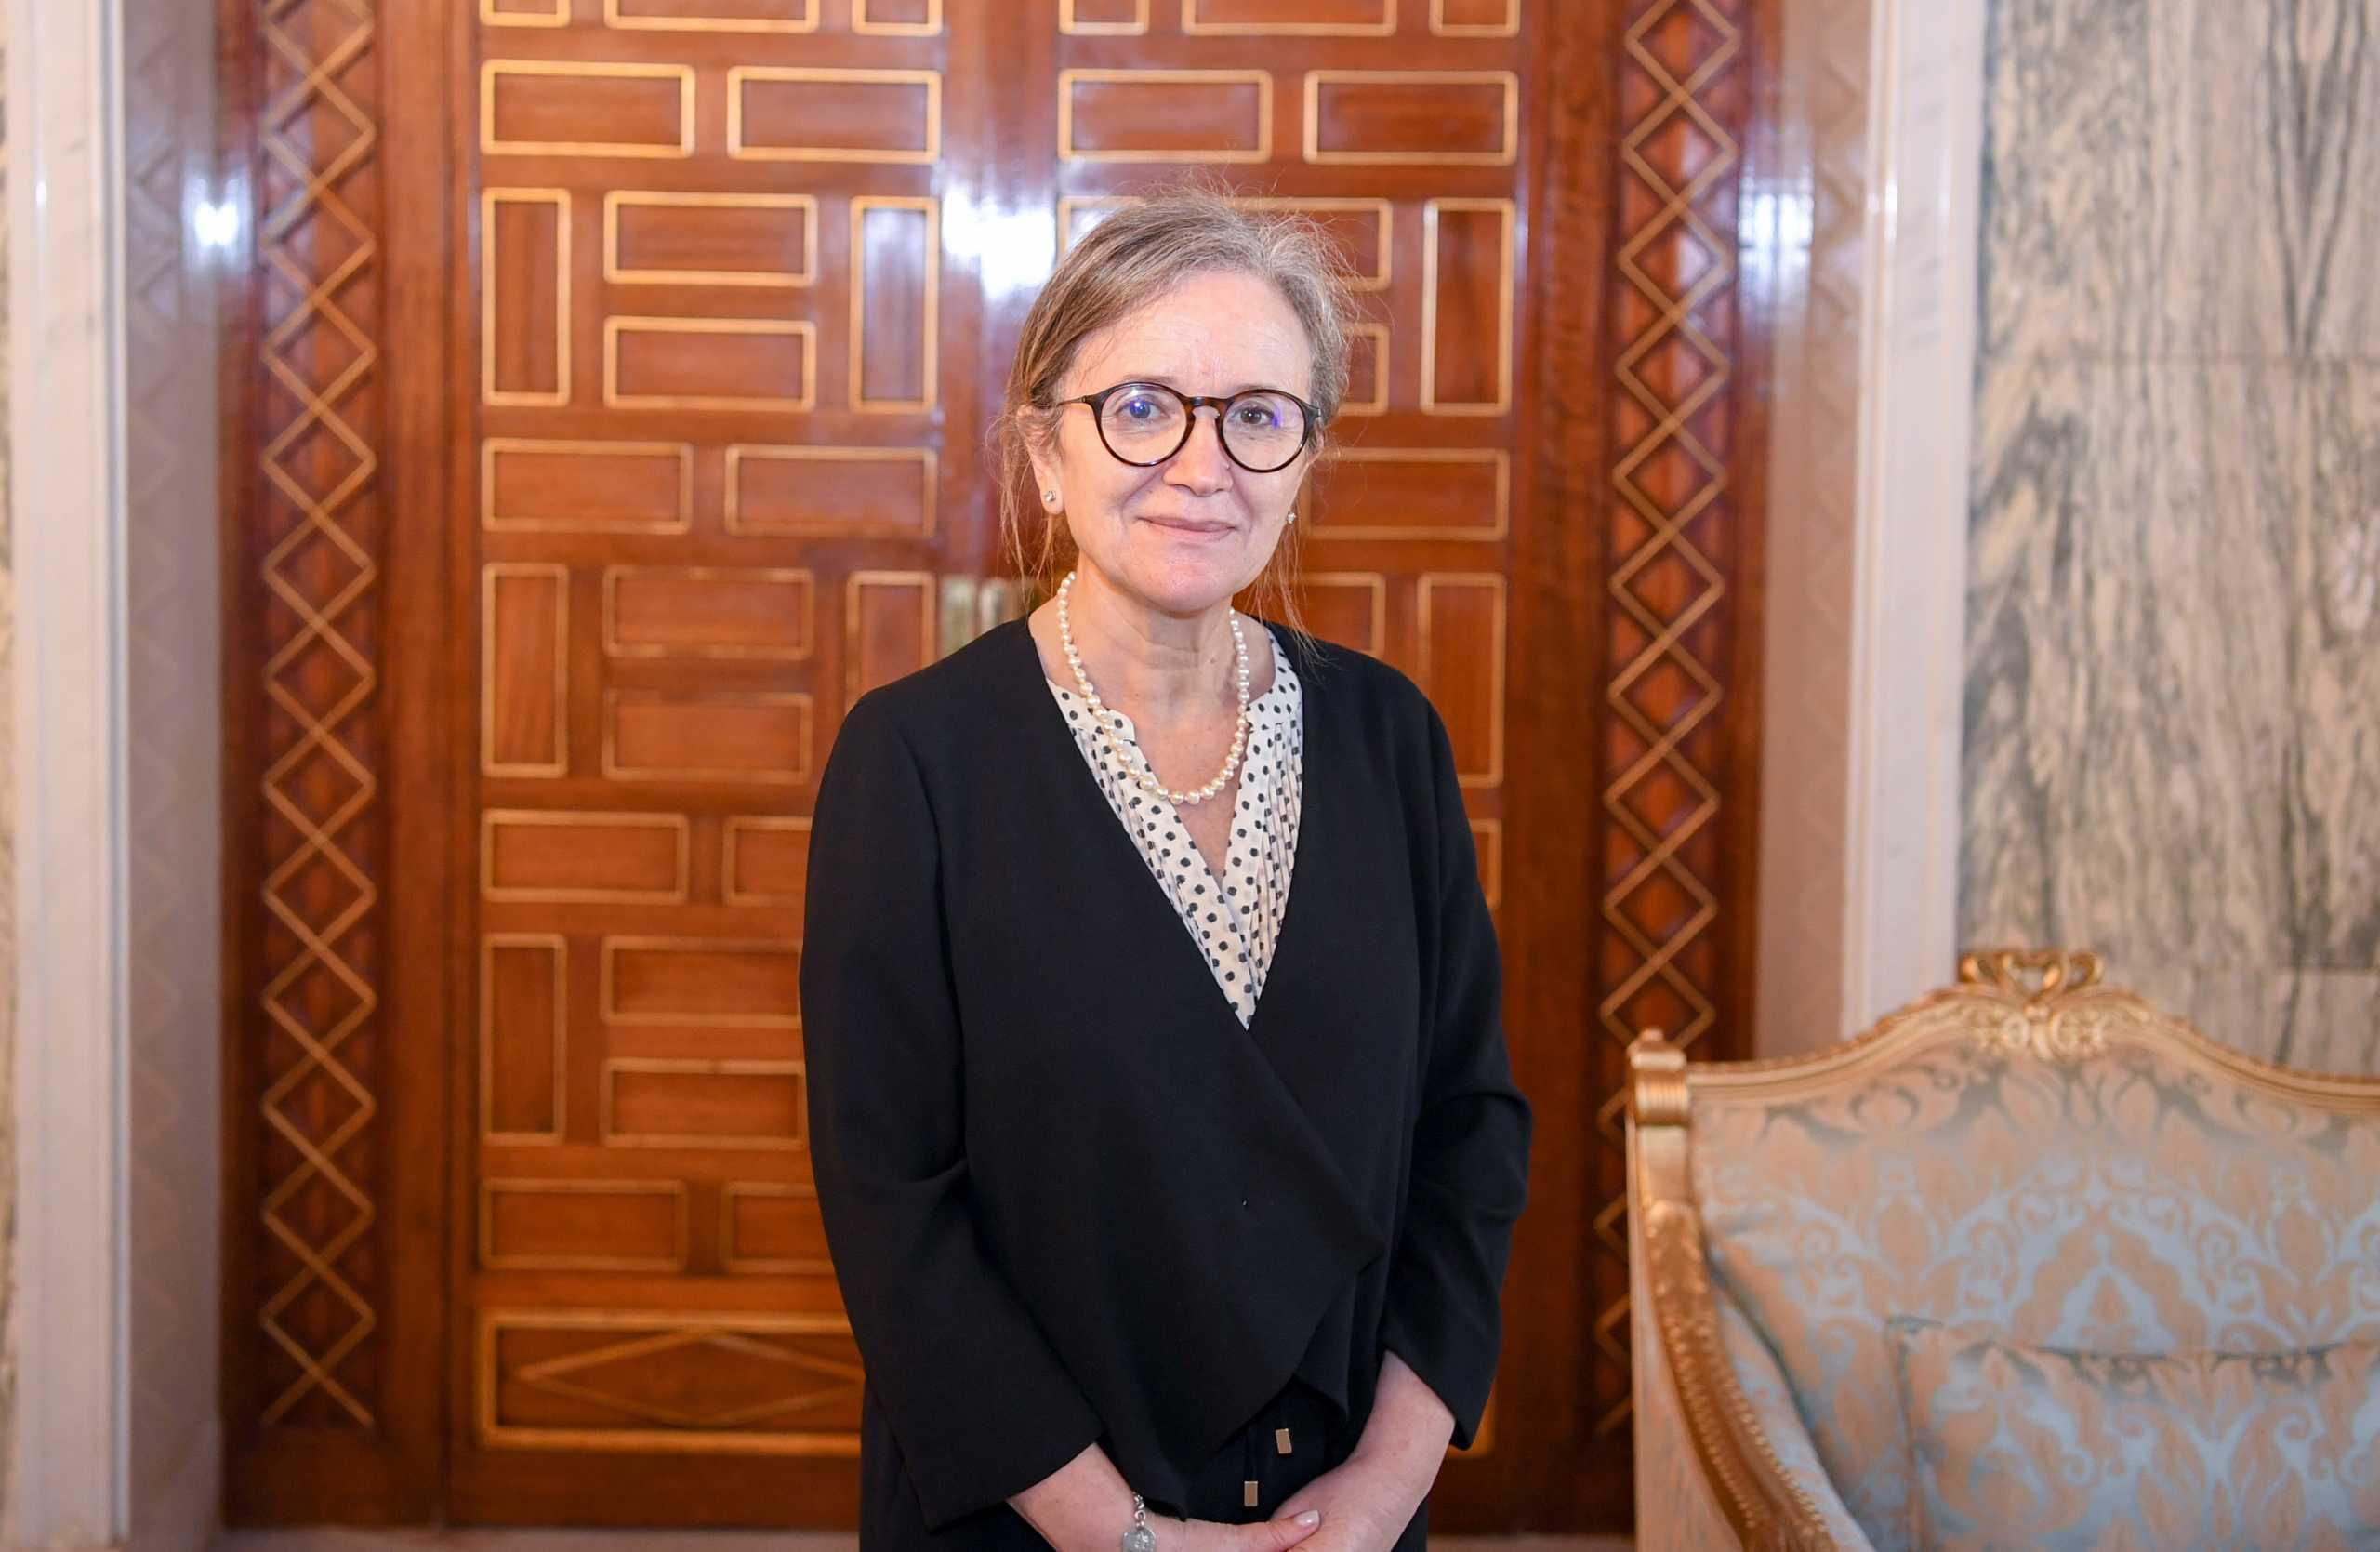 Τυνησία: Ο πρόεδρος Κάις Σάγεντ διόρισε την πρώτη γυναίκα πρωθυπουργό